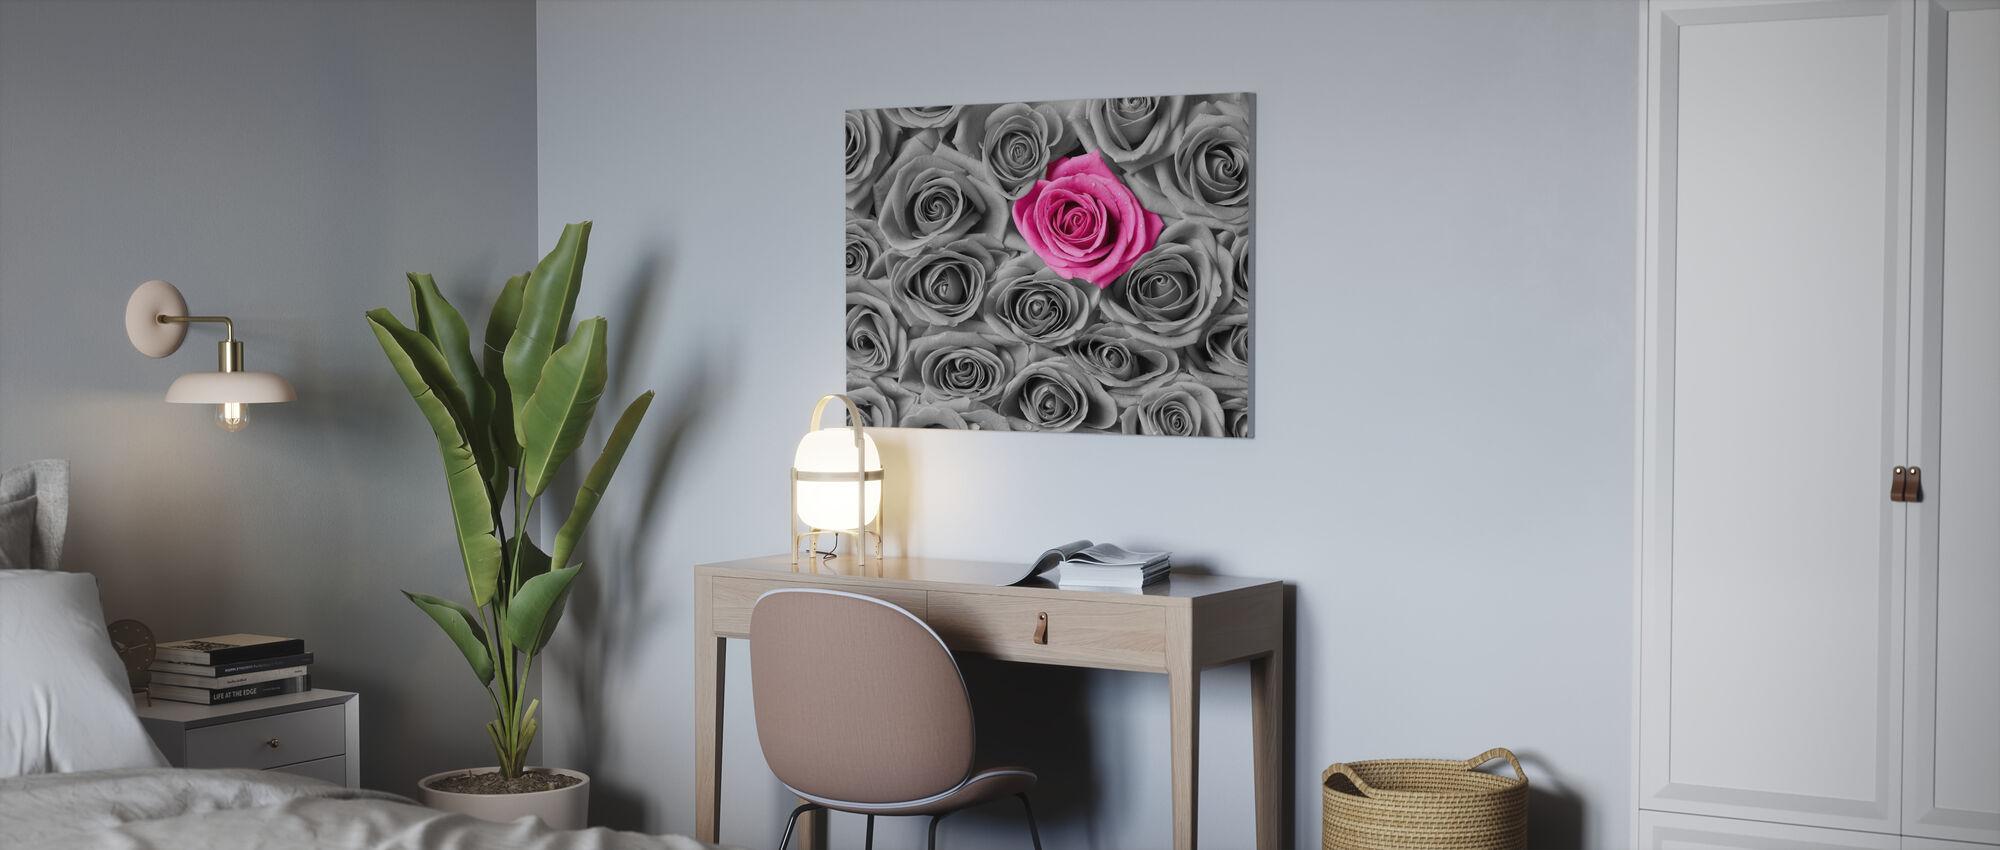 Rozen - Roze en Grijs - Canvas print - Kantoor